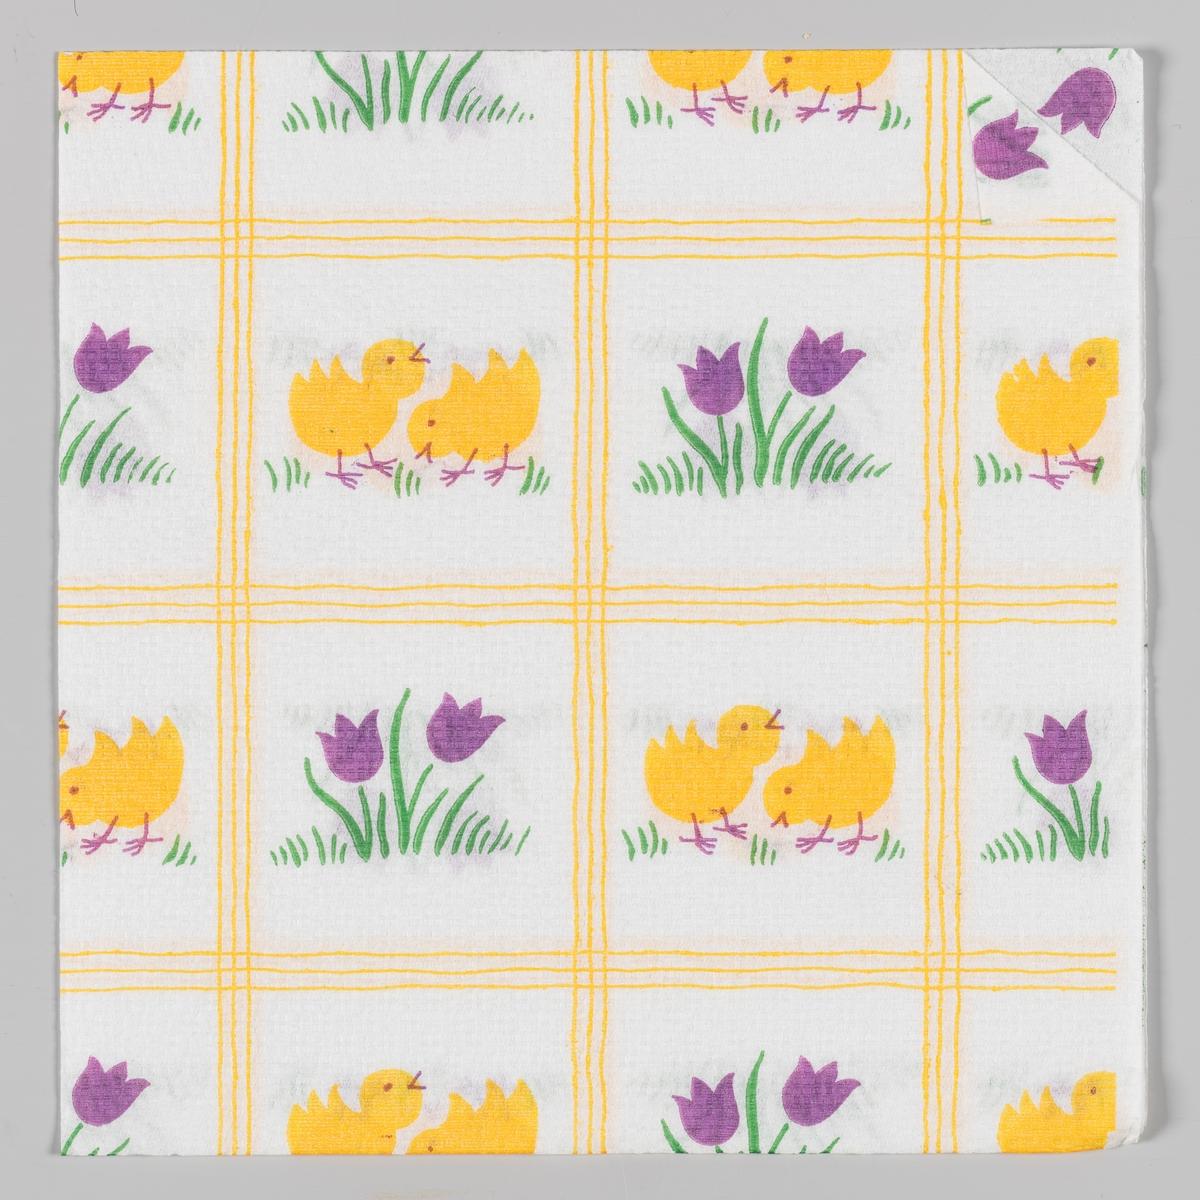 Servietten er delt inn i firkanter med to ulike motiver. To kyllinger. To lilla krokus. Tre gule striper mellom firkantene.